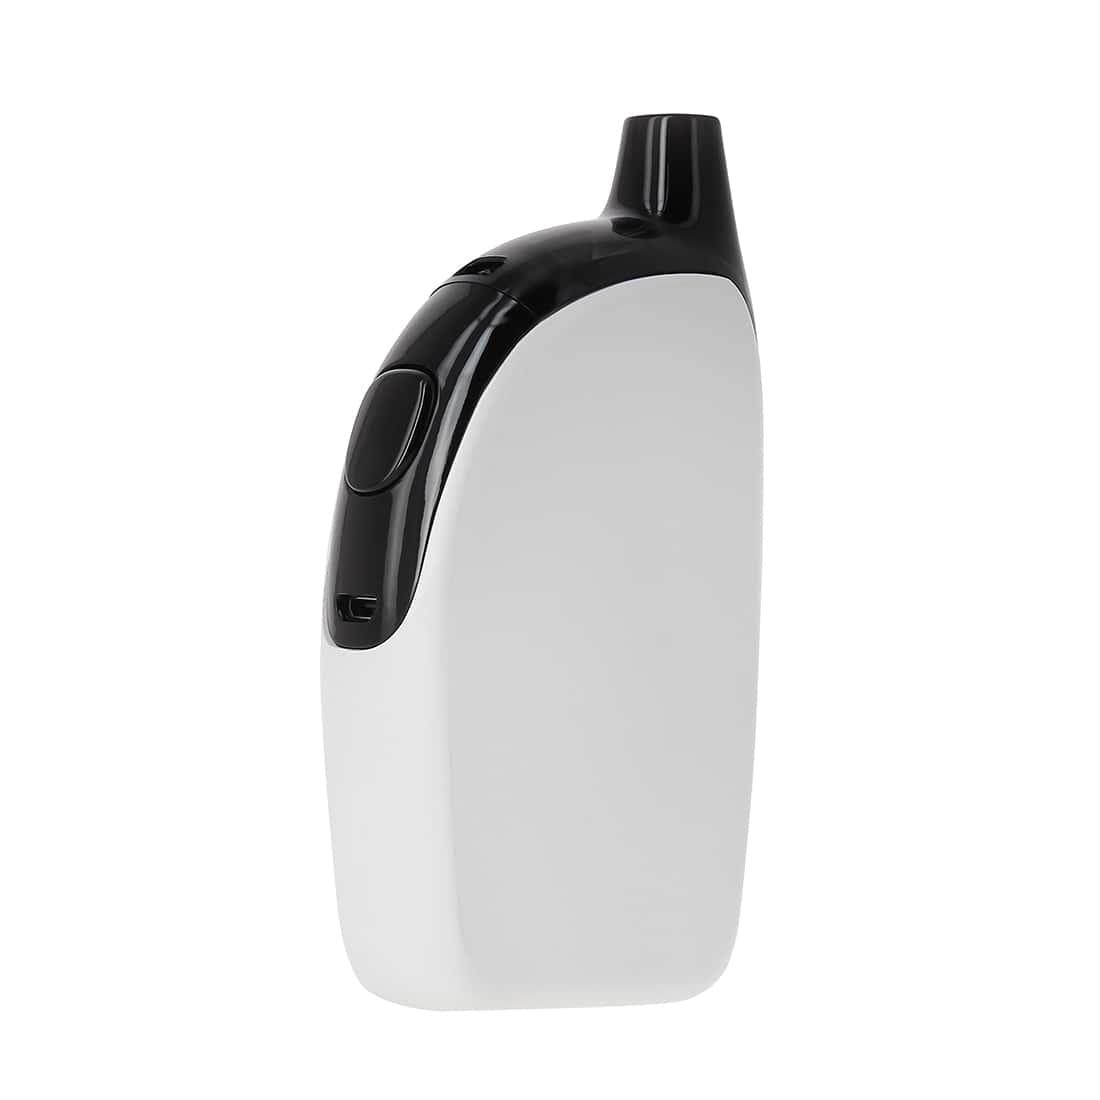 E-liquide pas cher : comment faire son choix ?